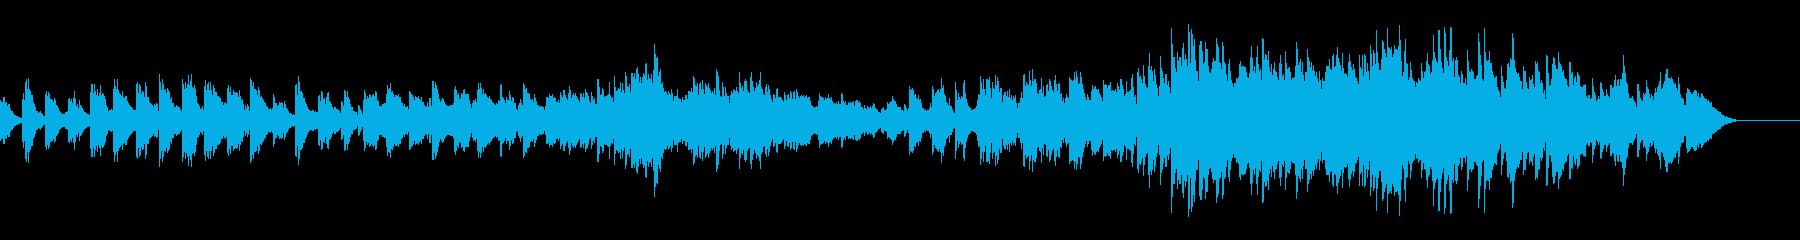 フルートとオーボエのバラードの再生済みの波形